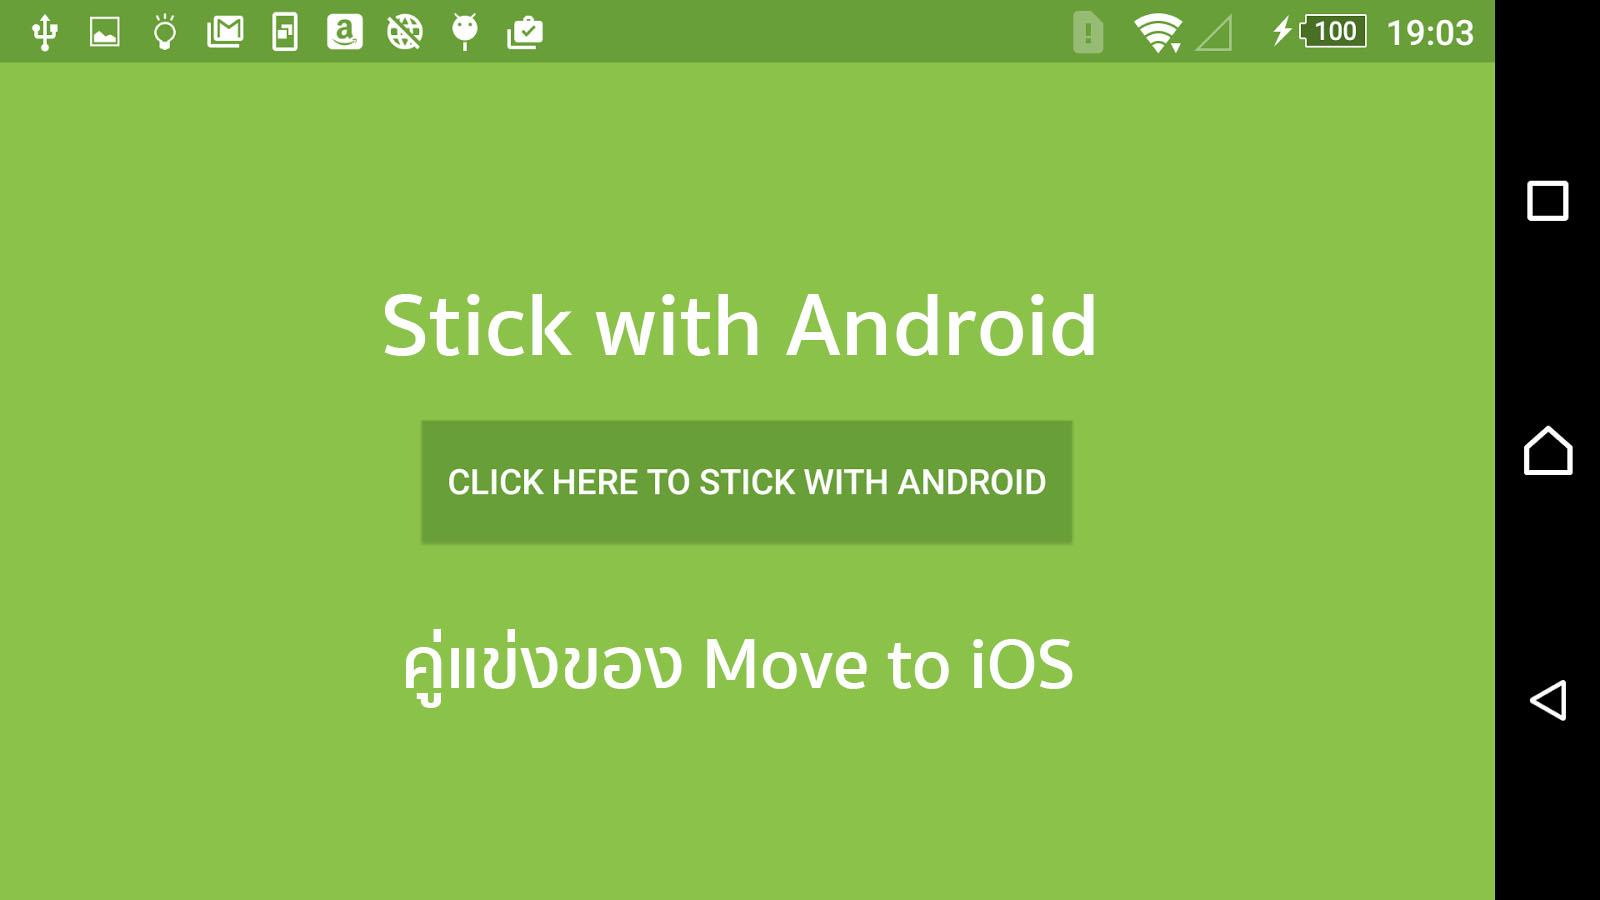 """แนะนำ App สำหรับสาวกหุ่นเขียวพันธุ์แท้ """"Stick with Android"""""""